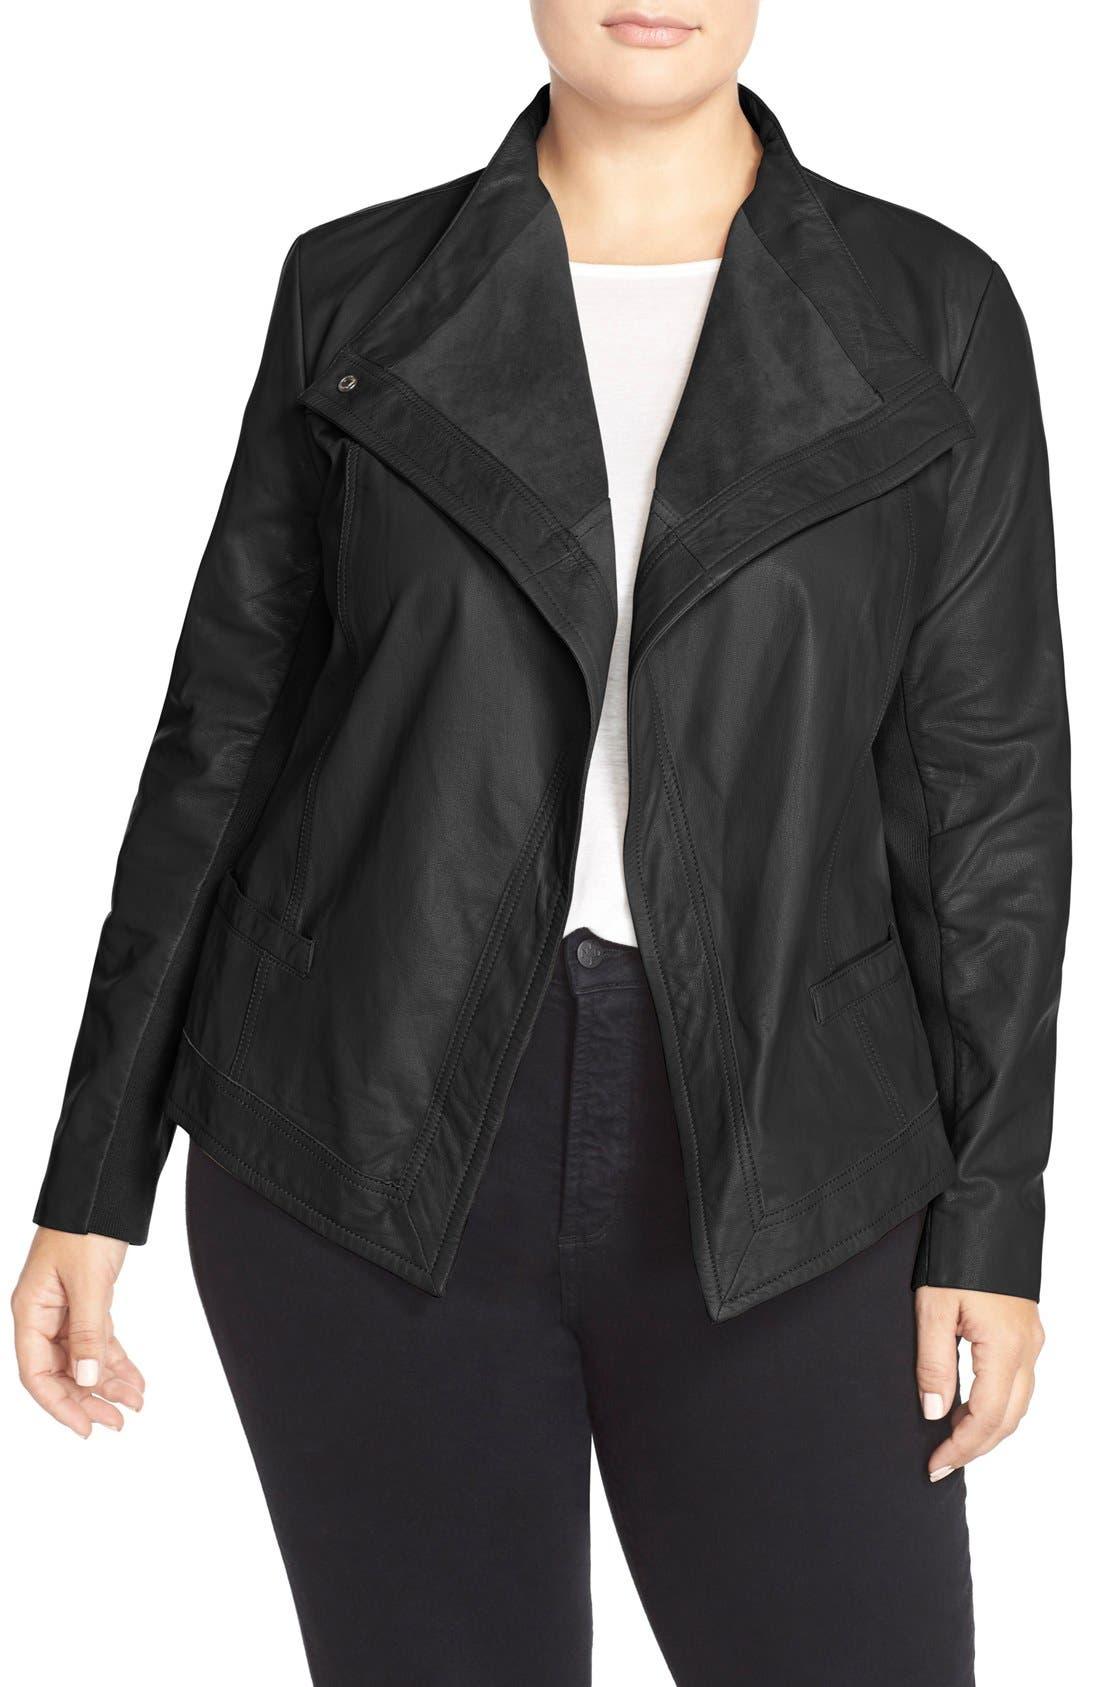 SEJOUR, Asymmetrical Leather Jacket, Main thumbnail 1, color, 002